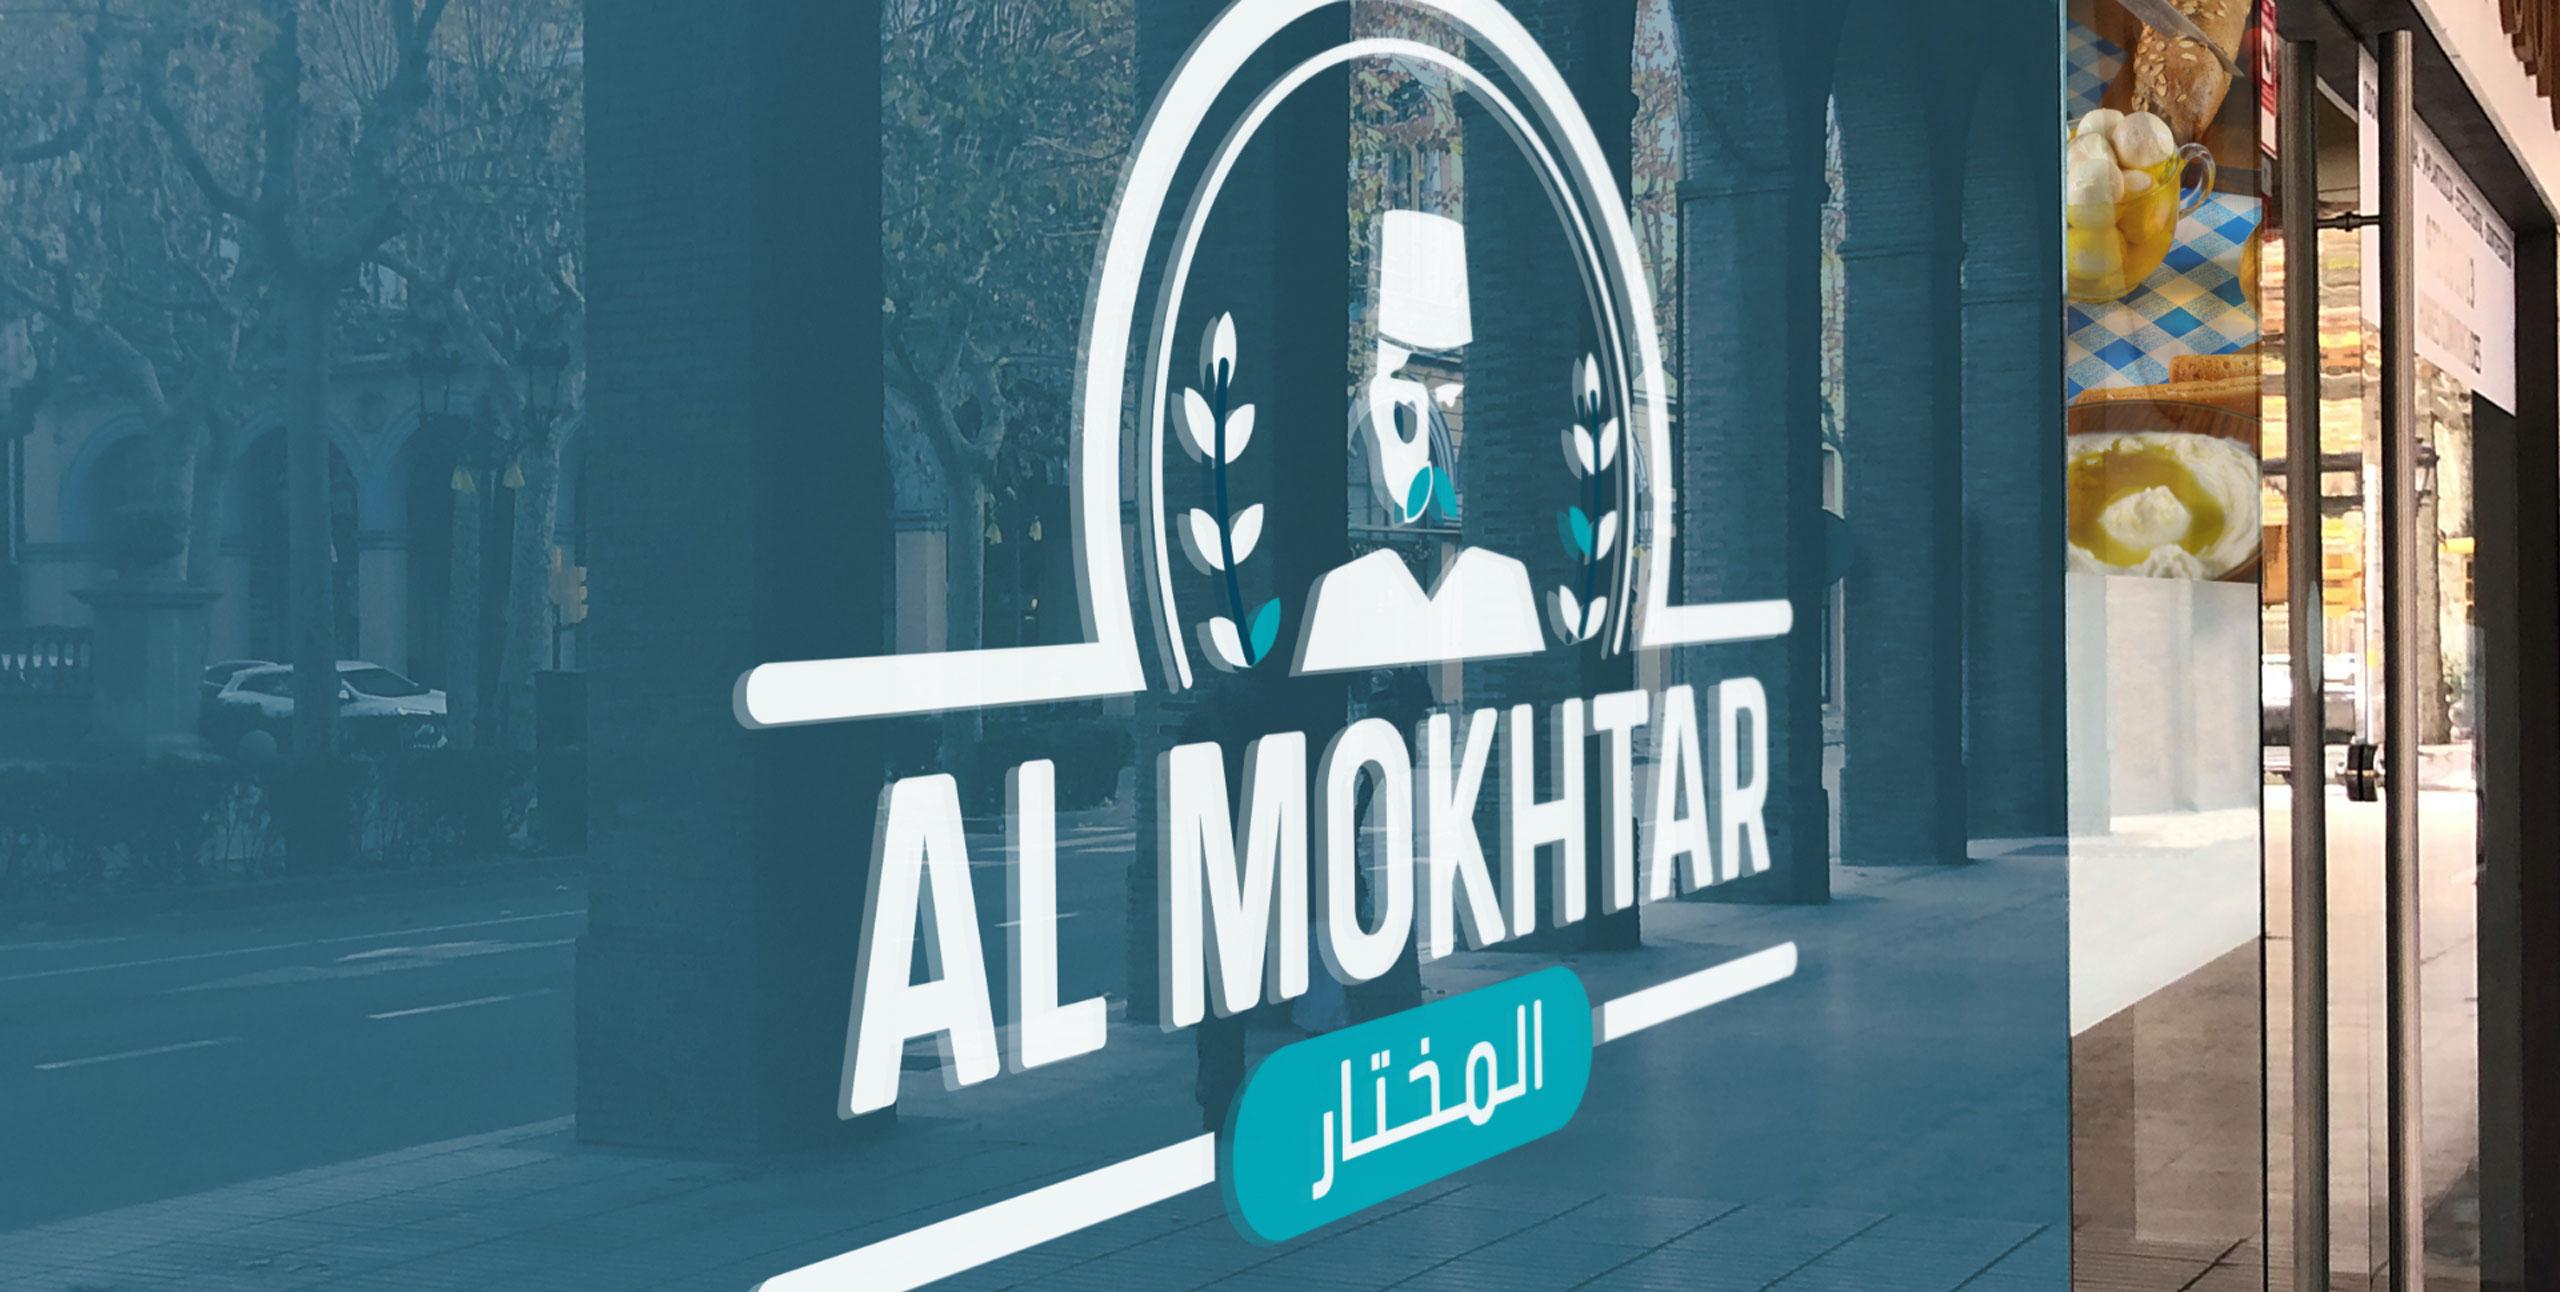 Our Creation - Al-mokhtar